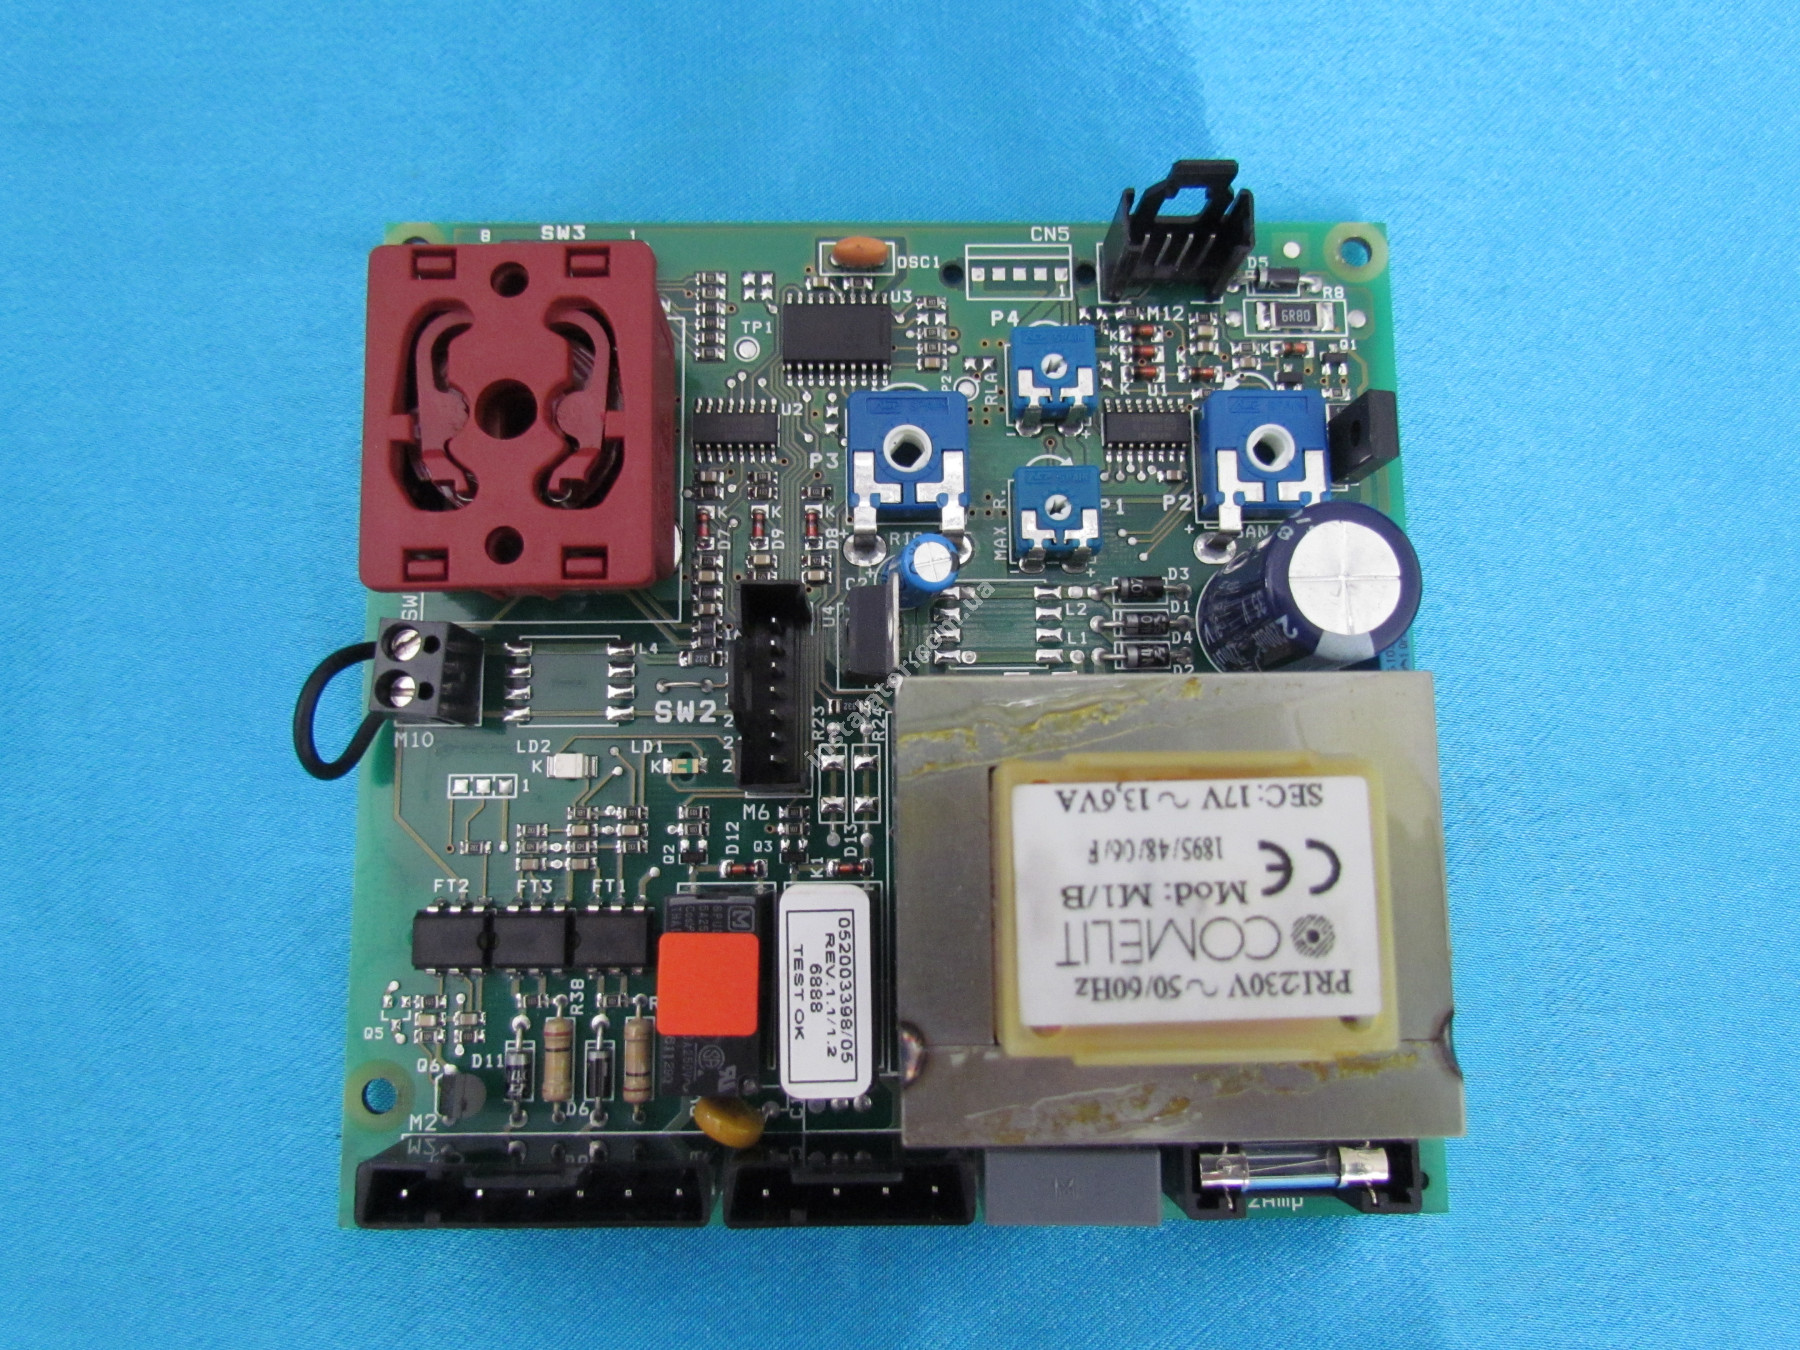 52003398 Плата електронна Hermann Super Micra full-image-0